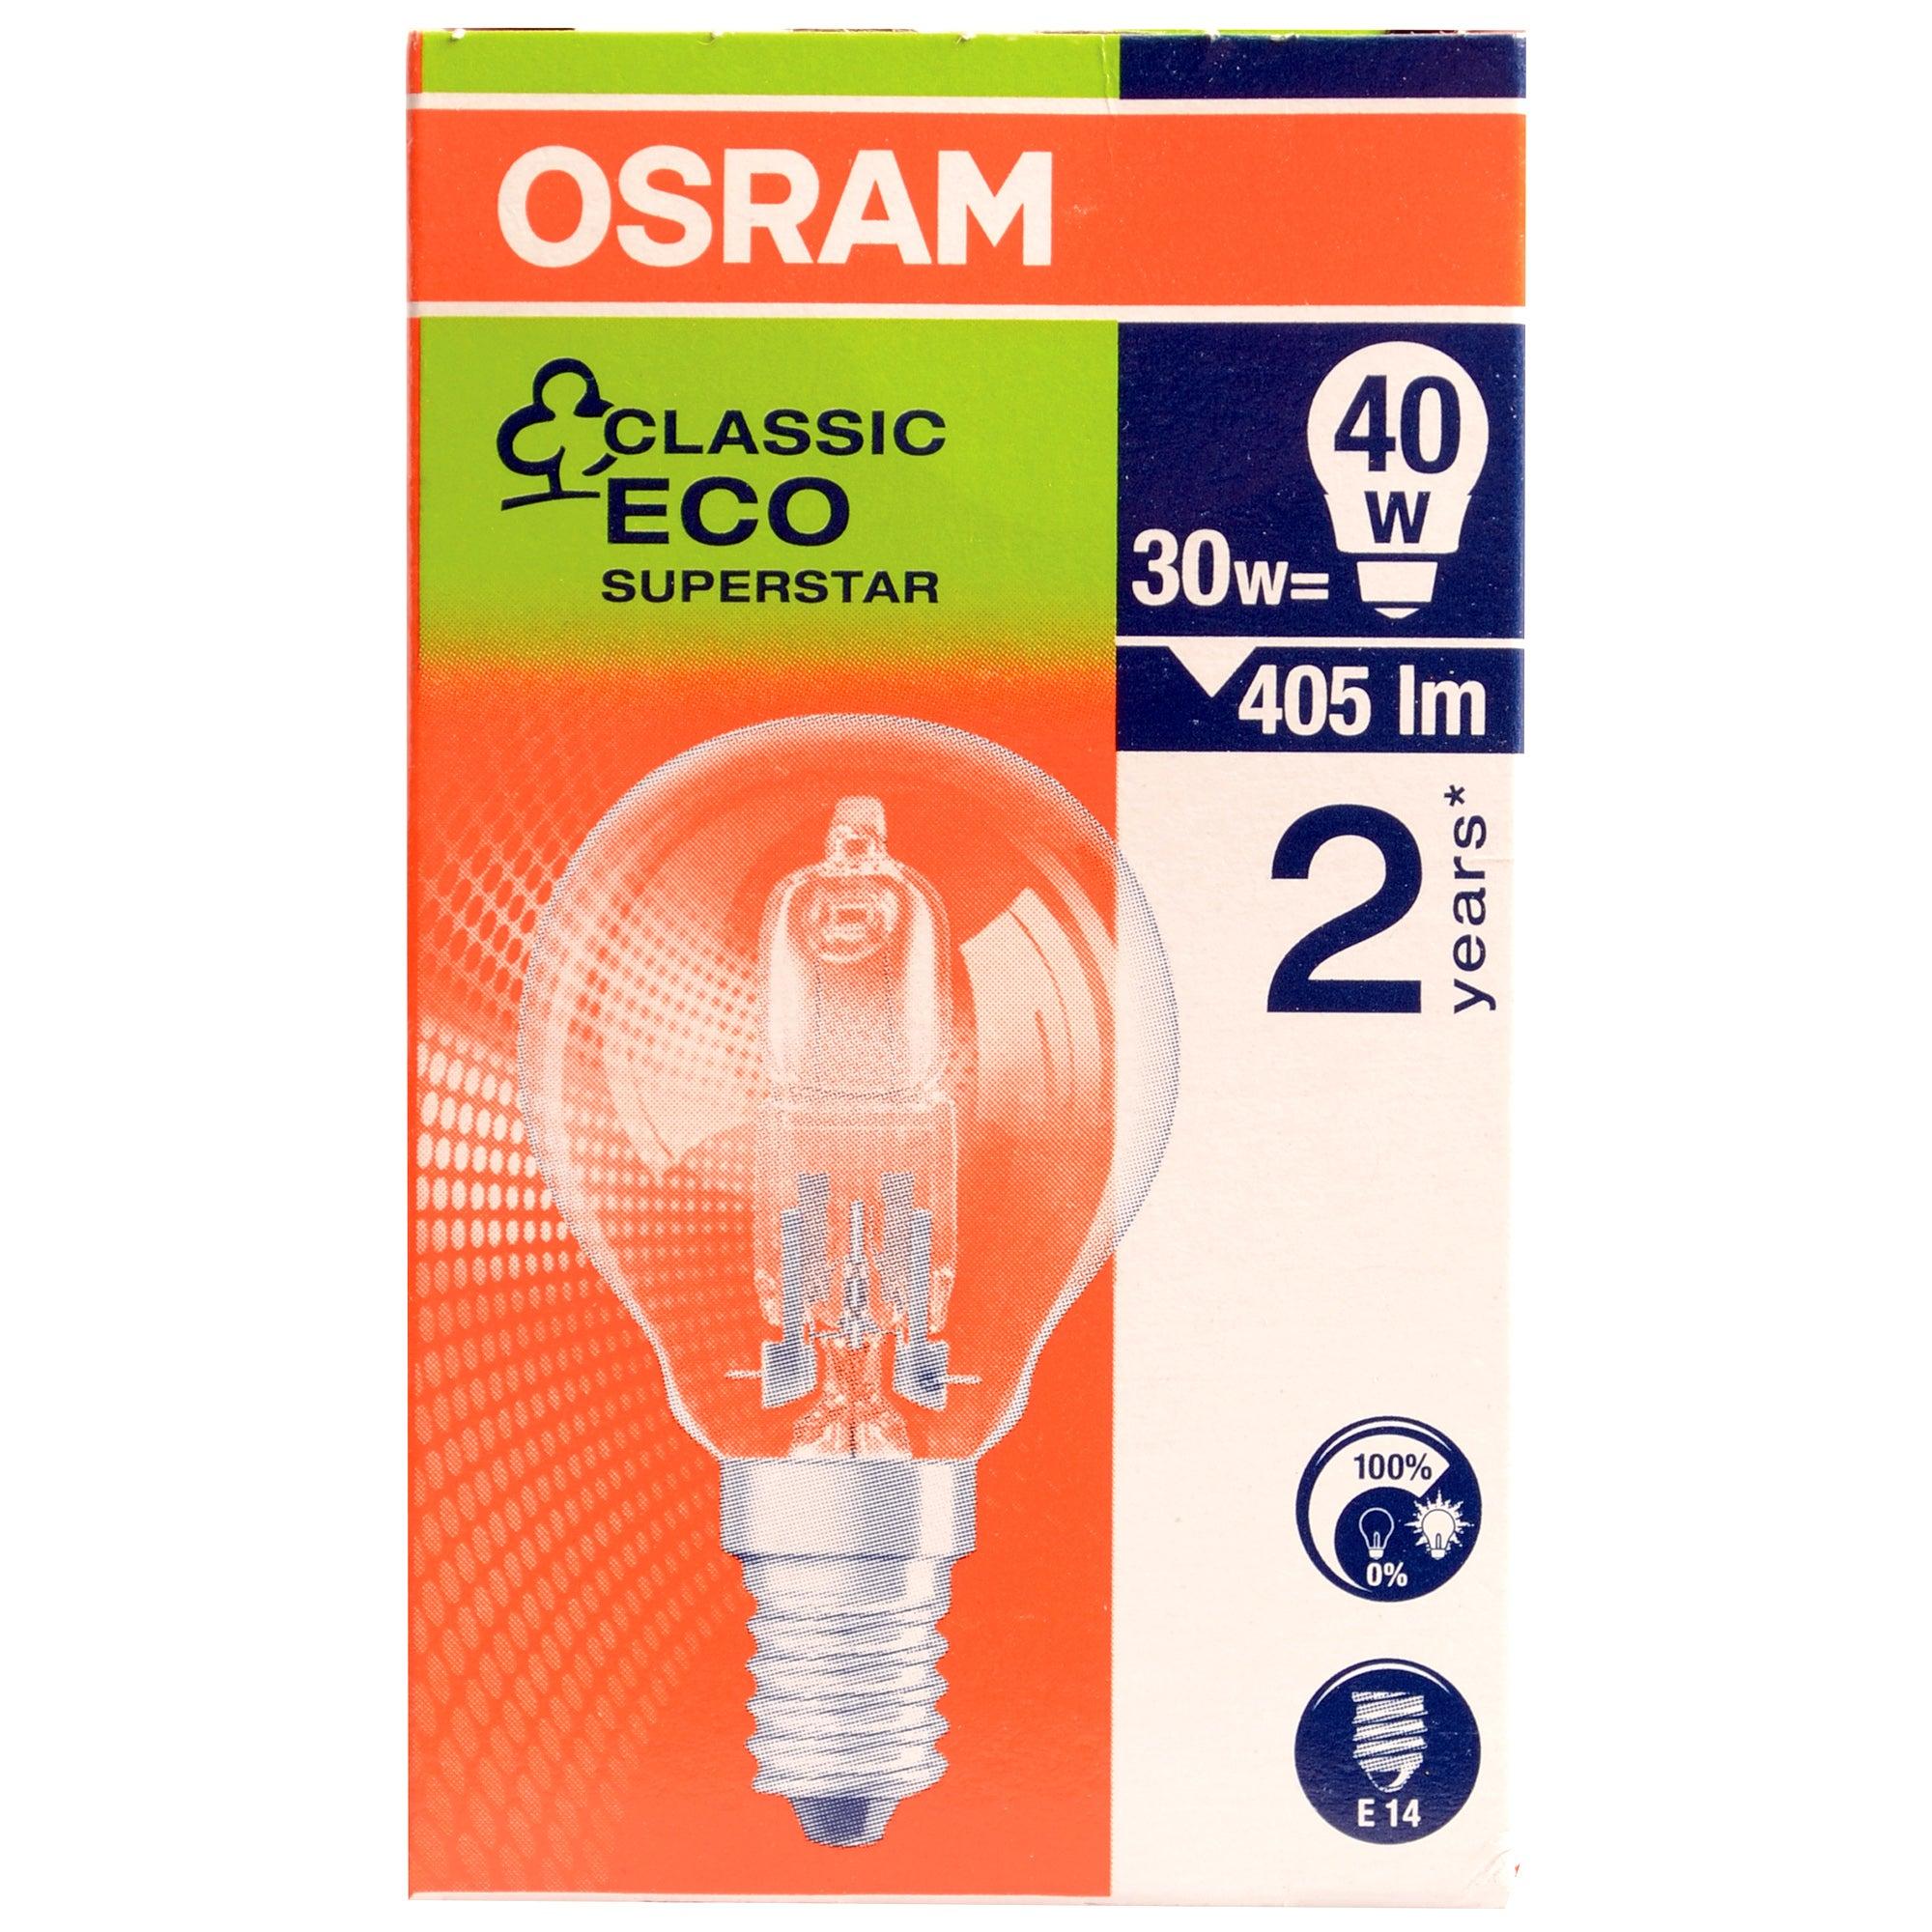 Osram Halogen Eco 30 Watt Golf Ball Bulb